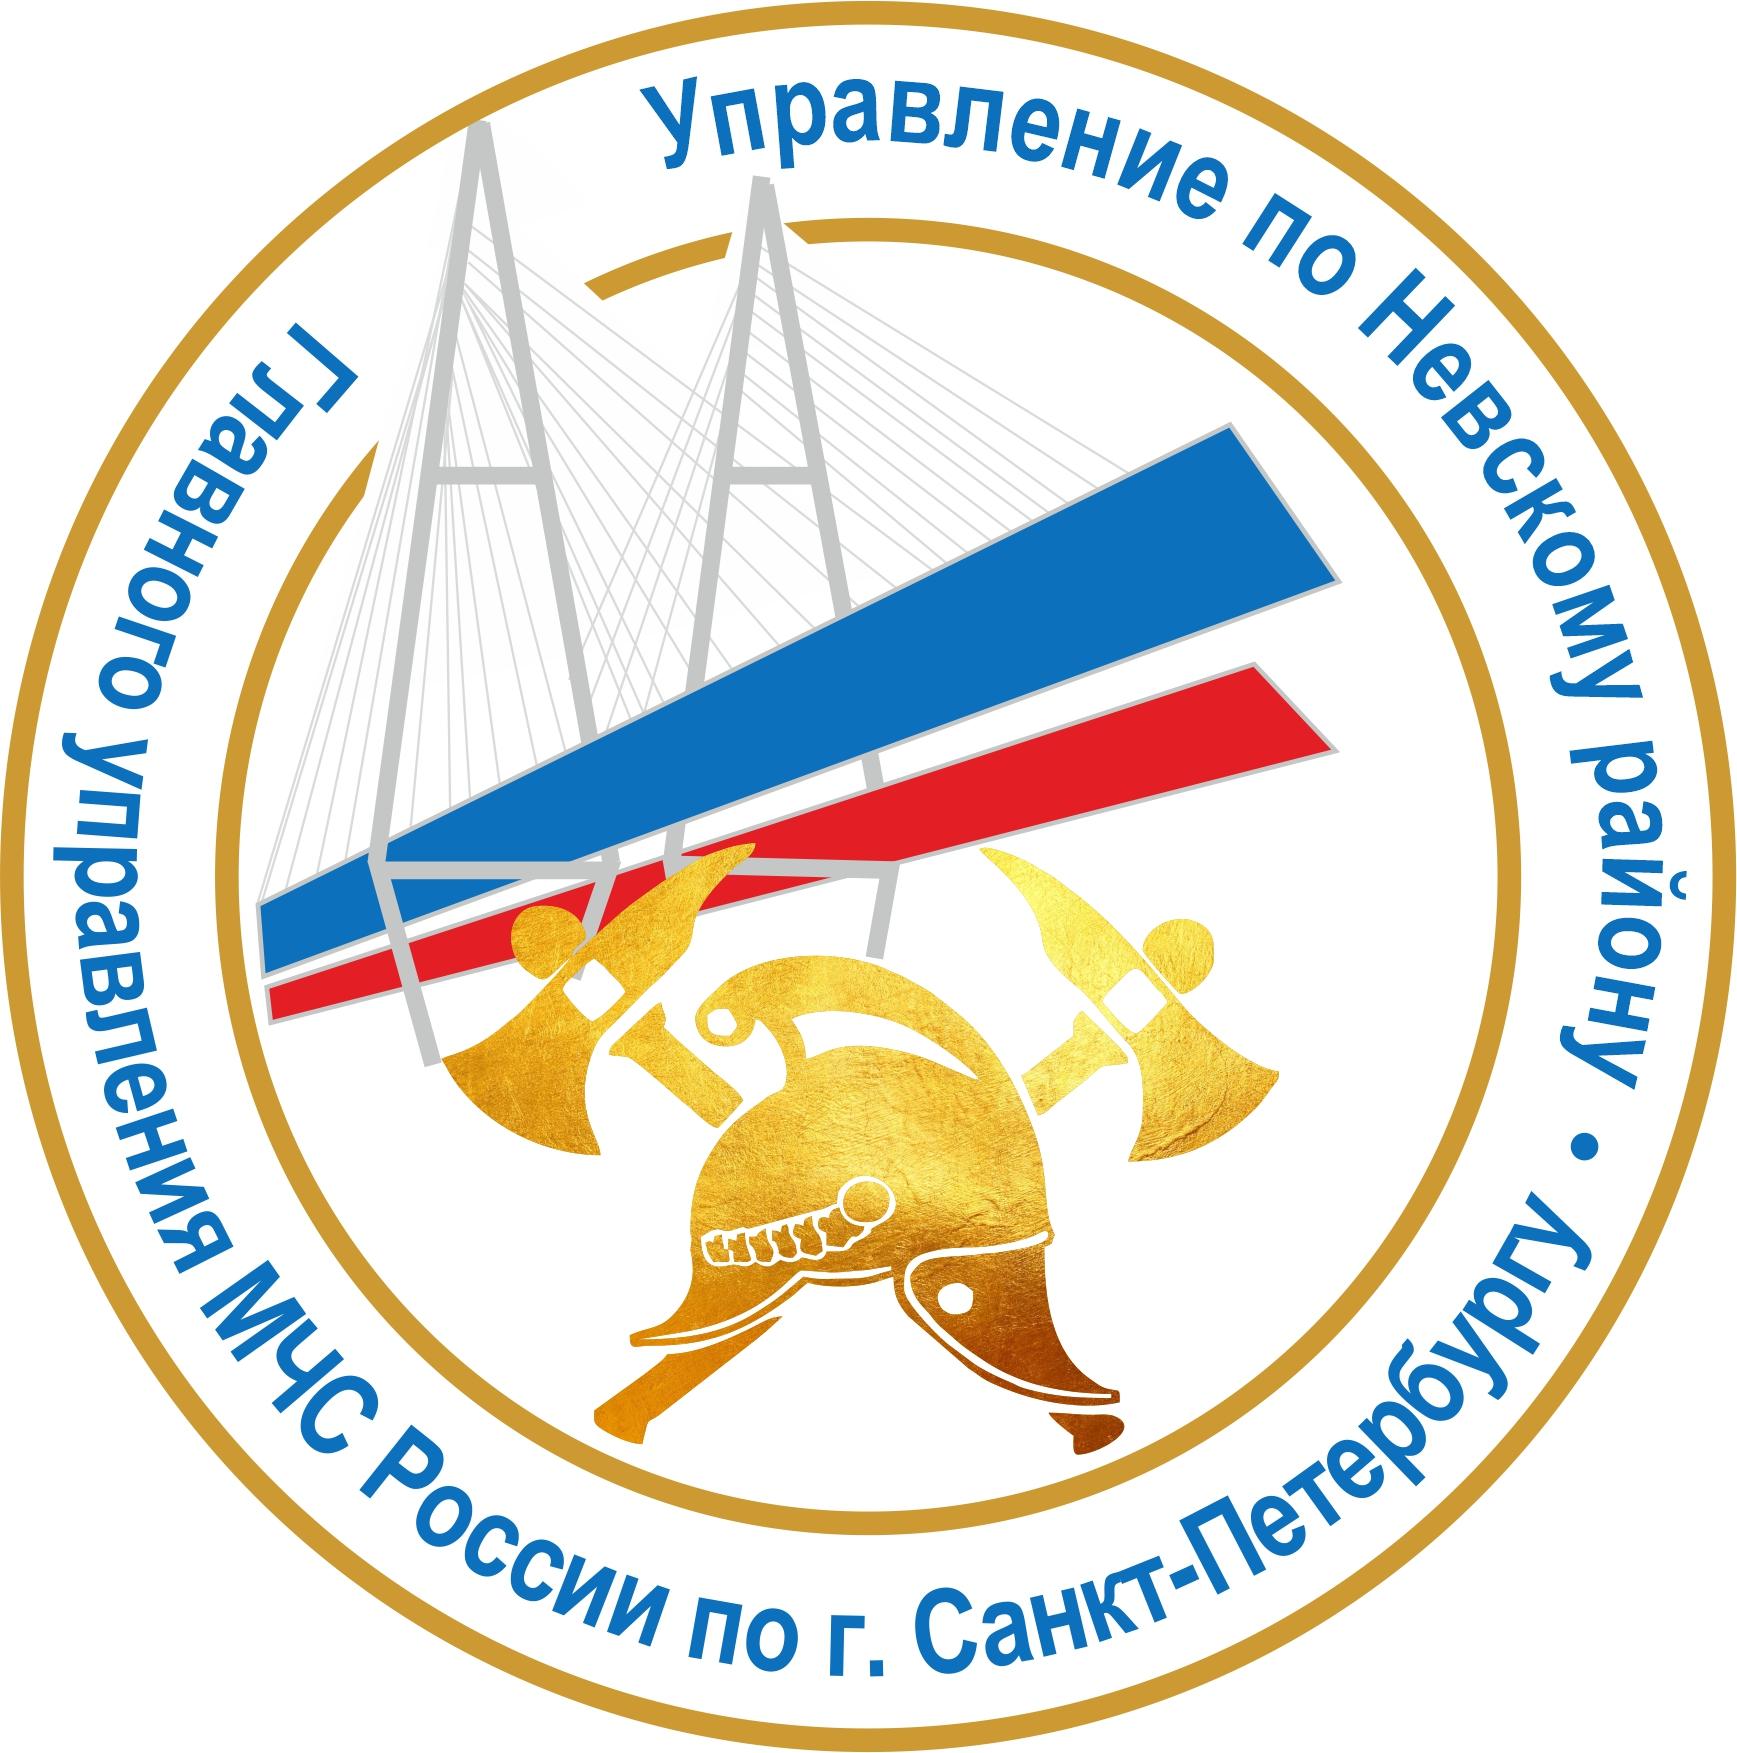 Управление по Невскому району Главного управления МЧС России по г. Санкт-Петербургу